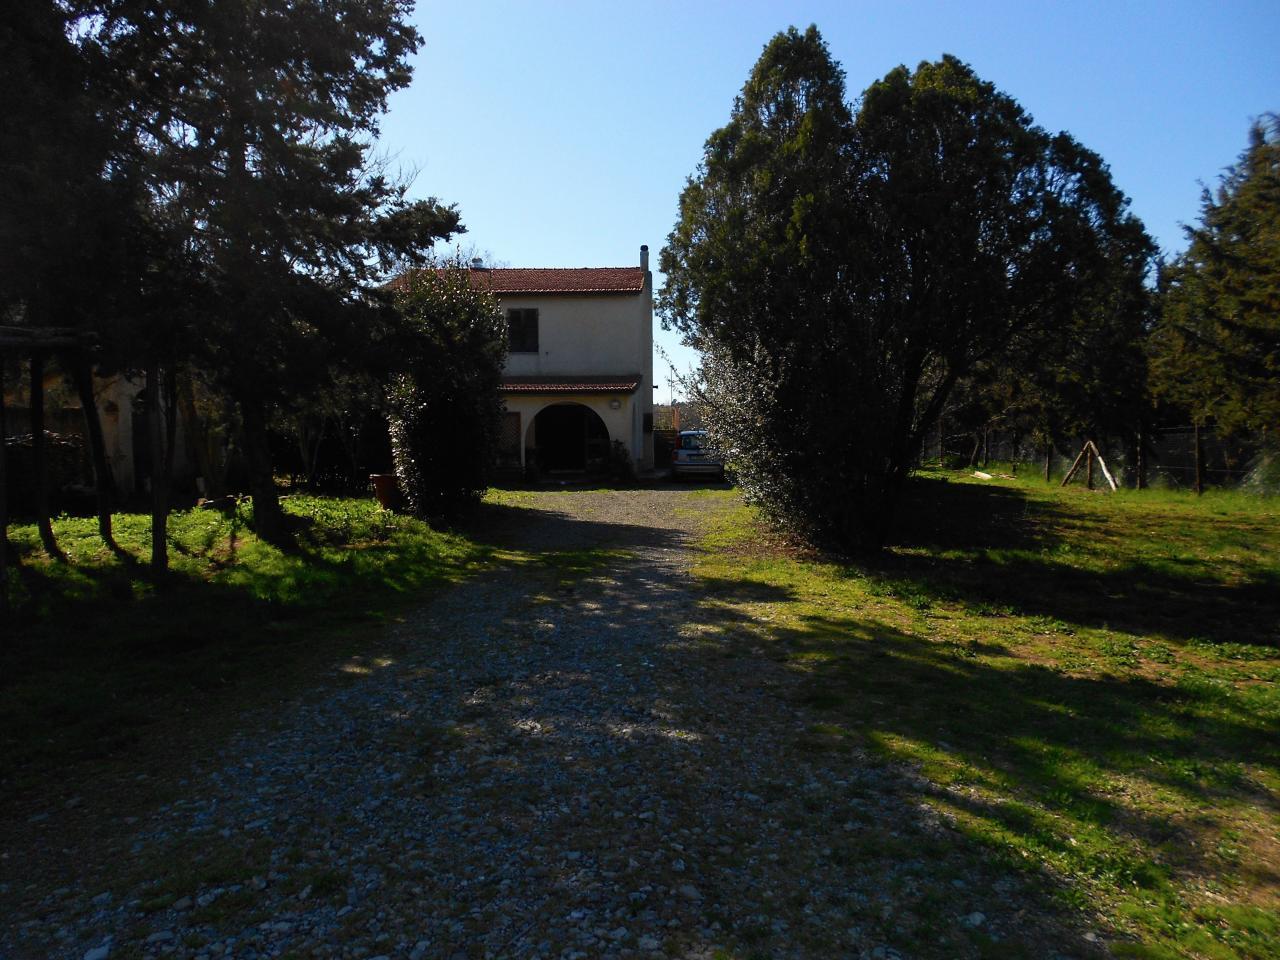 Rustico / Casale in vendita a Scansano, 1 locali, zona Zona: Baccinello, prezzo € 540.000 | Cambio Casa.it